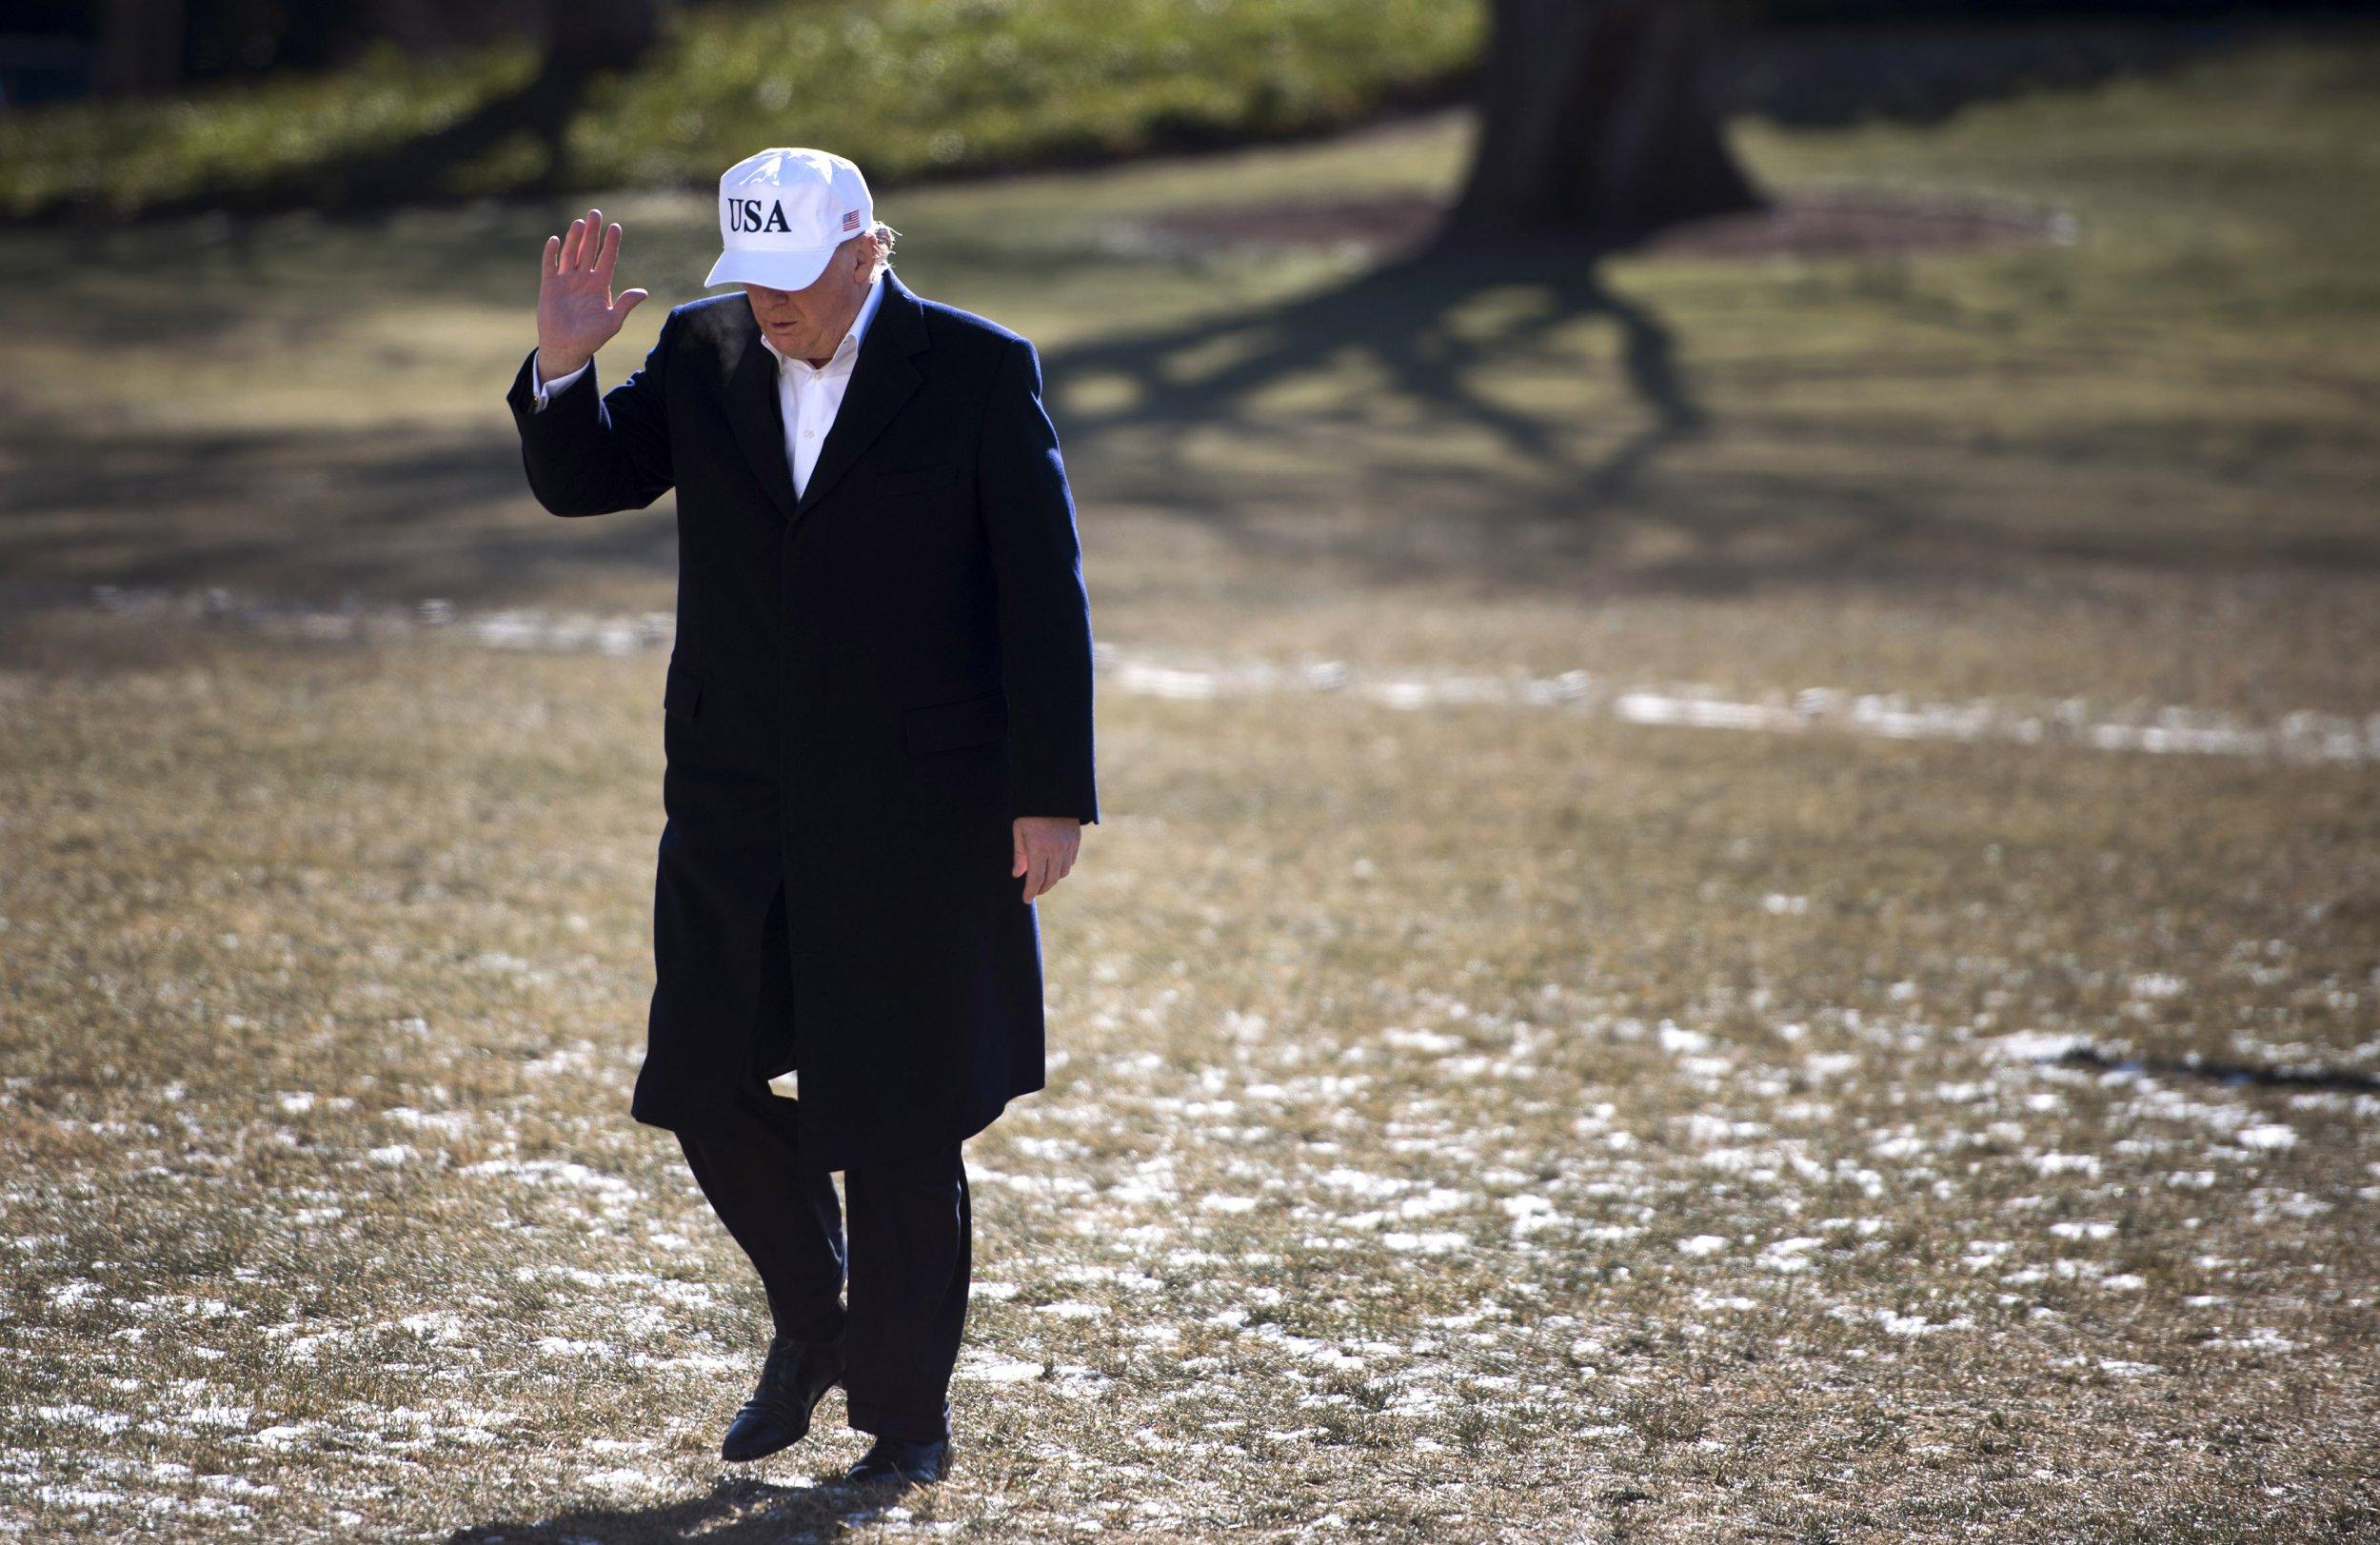 Trump waving Jan 7